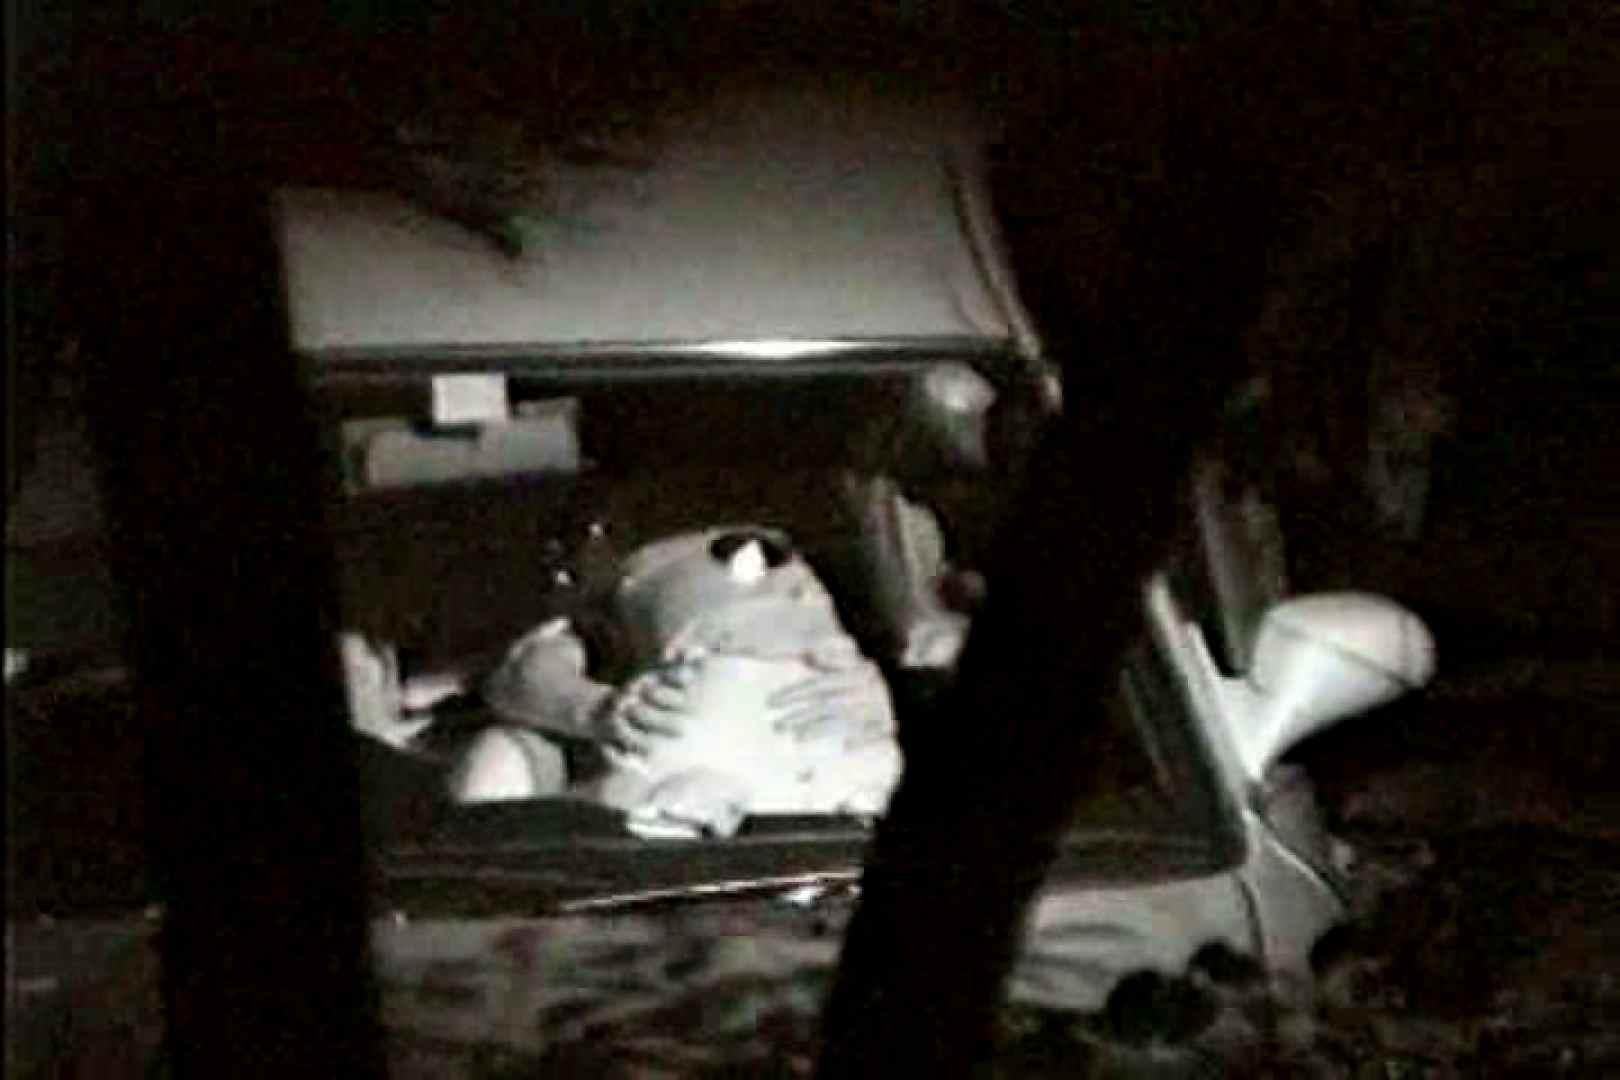 車の中はラブホテル 無修正版  Vol.8 車でエッチ  102PIX 40